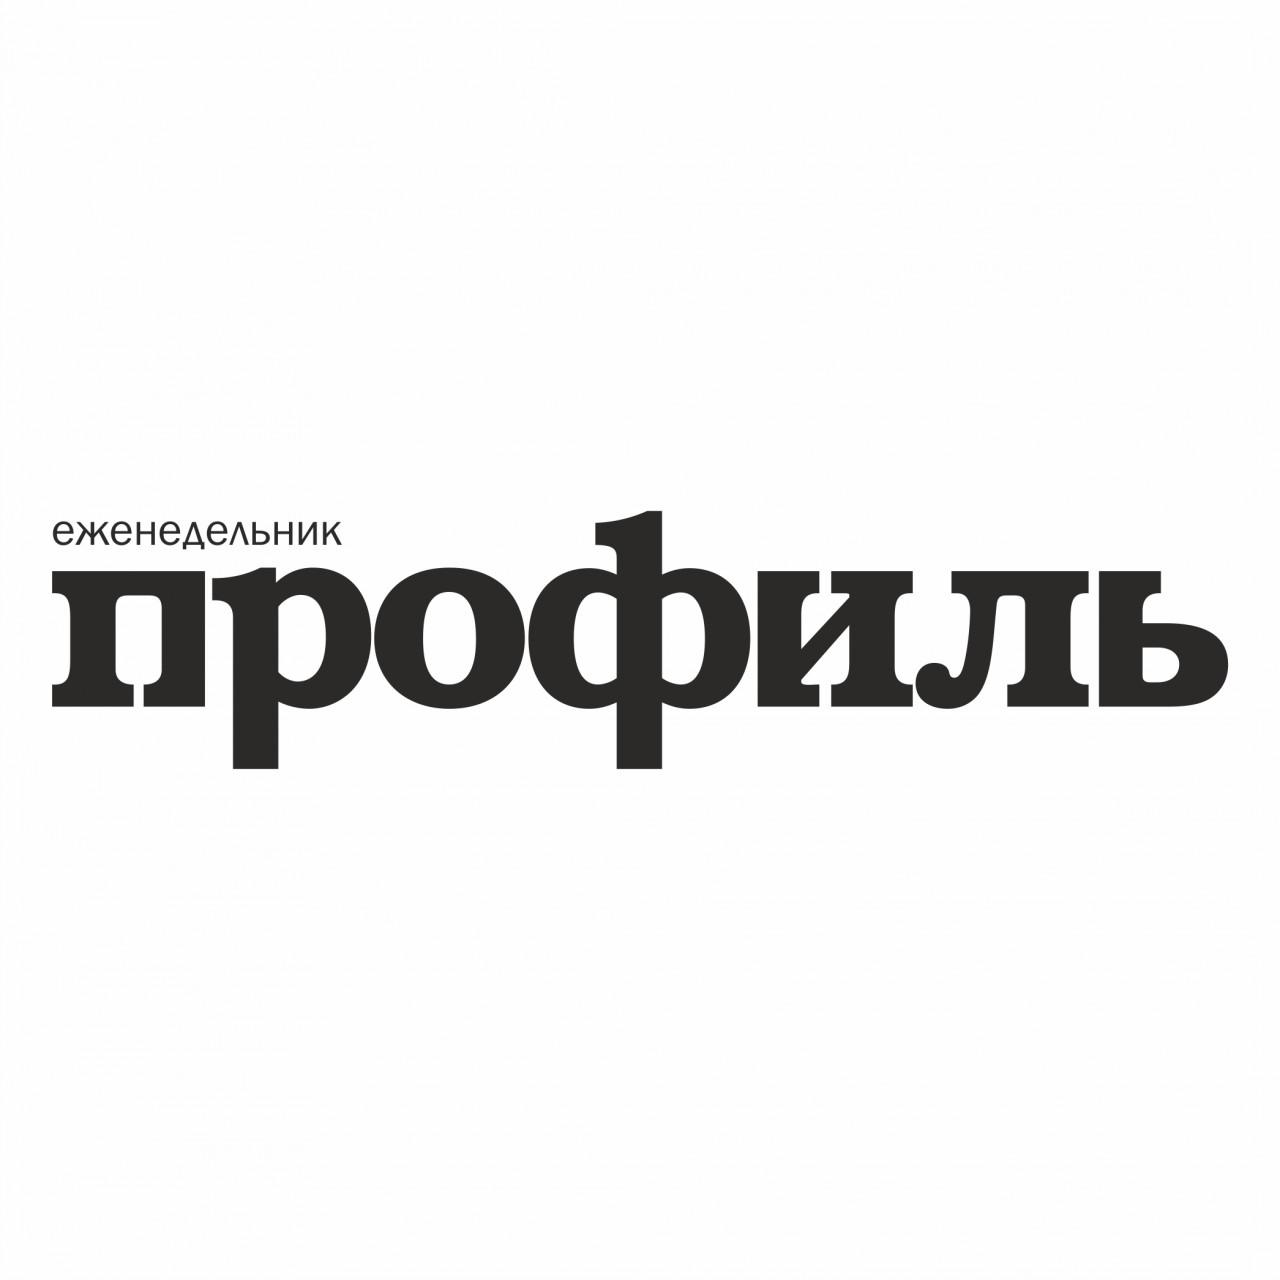 Москва получила от Лондона информацию по «делу Скрипалей»